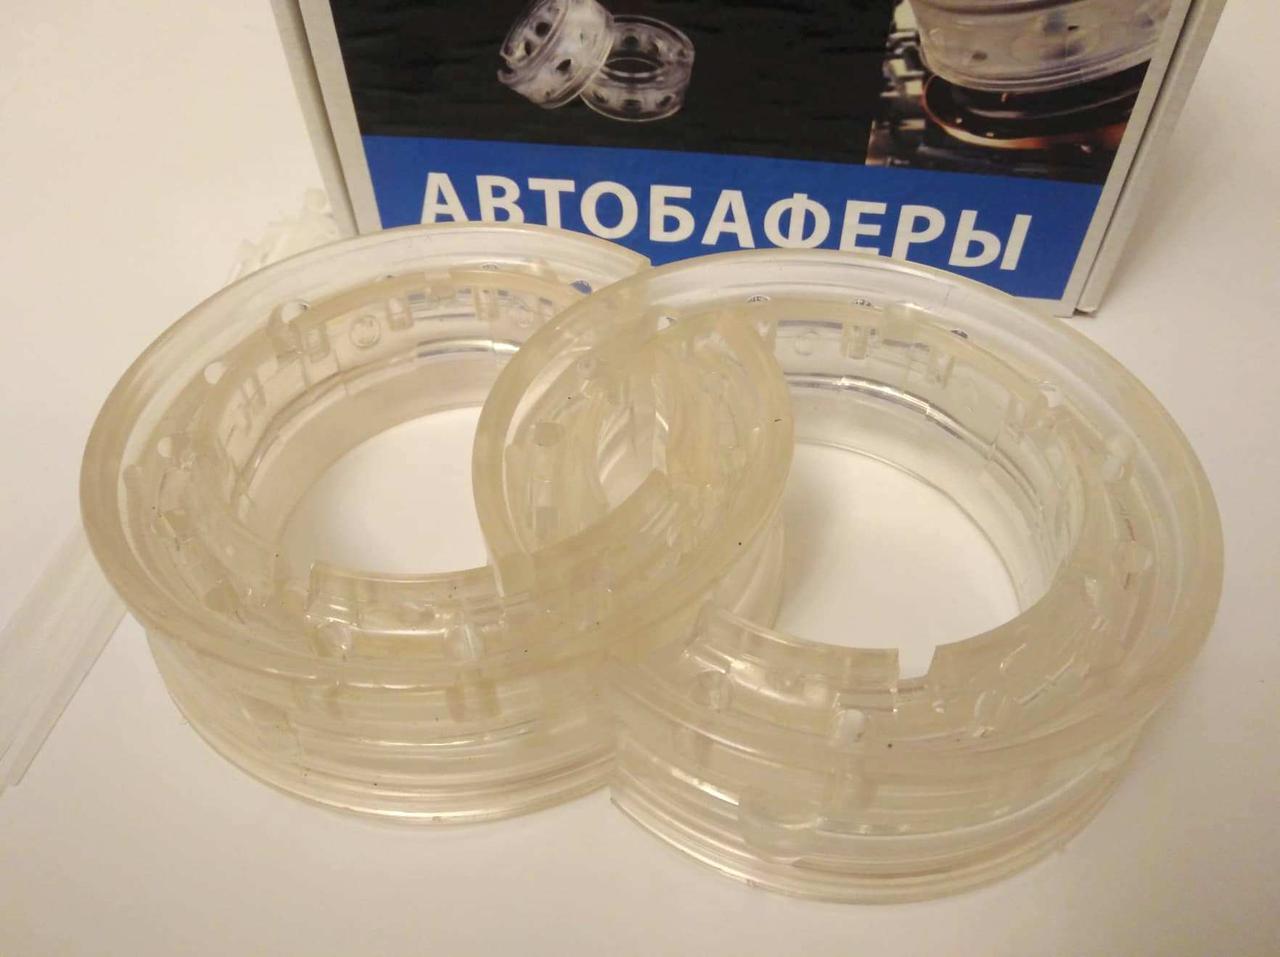 Автобаферы, межвитковые, силиконовые вставки в пружины GTS. 20мм,